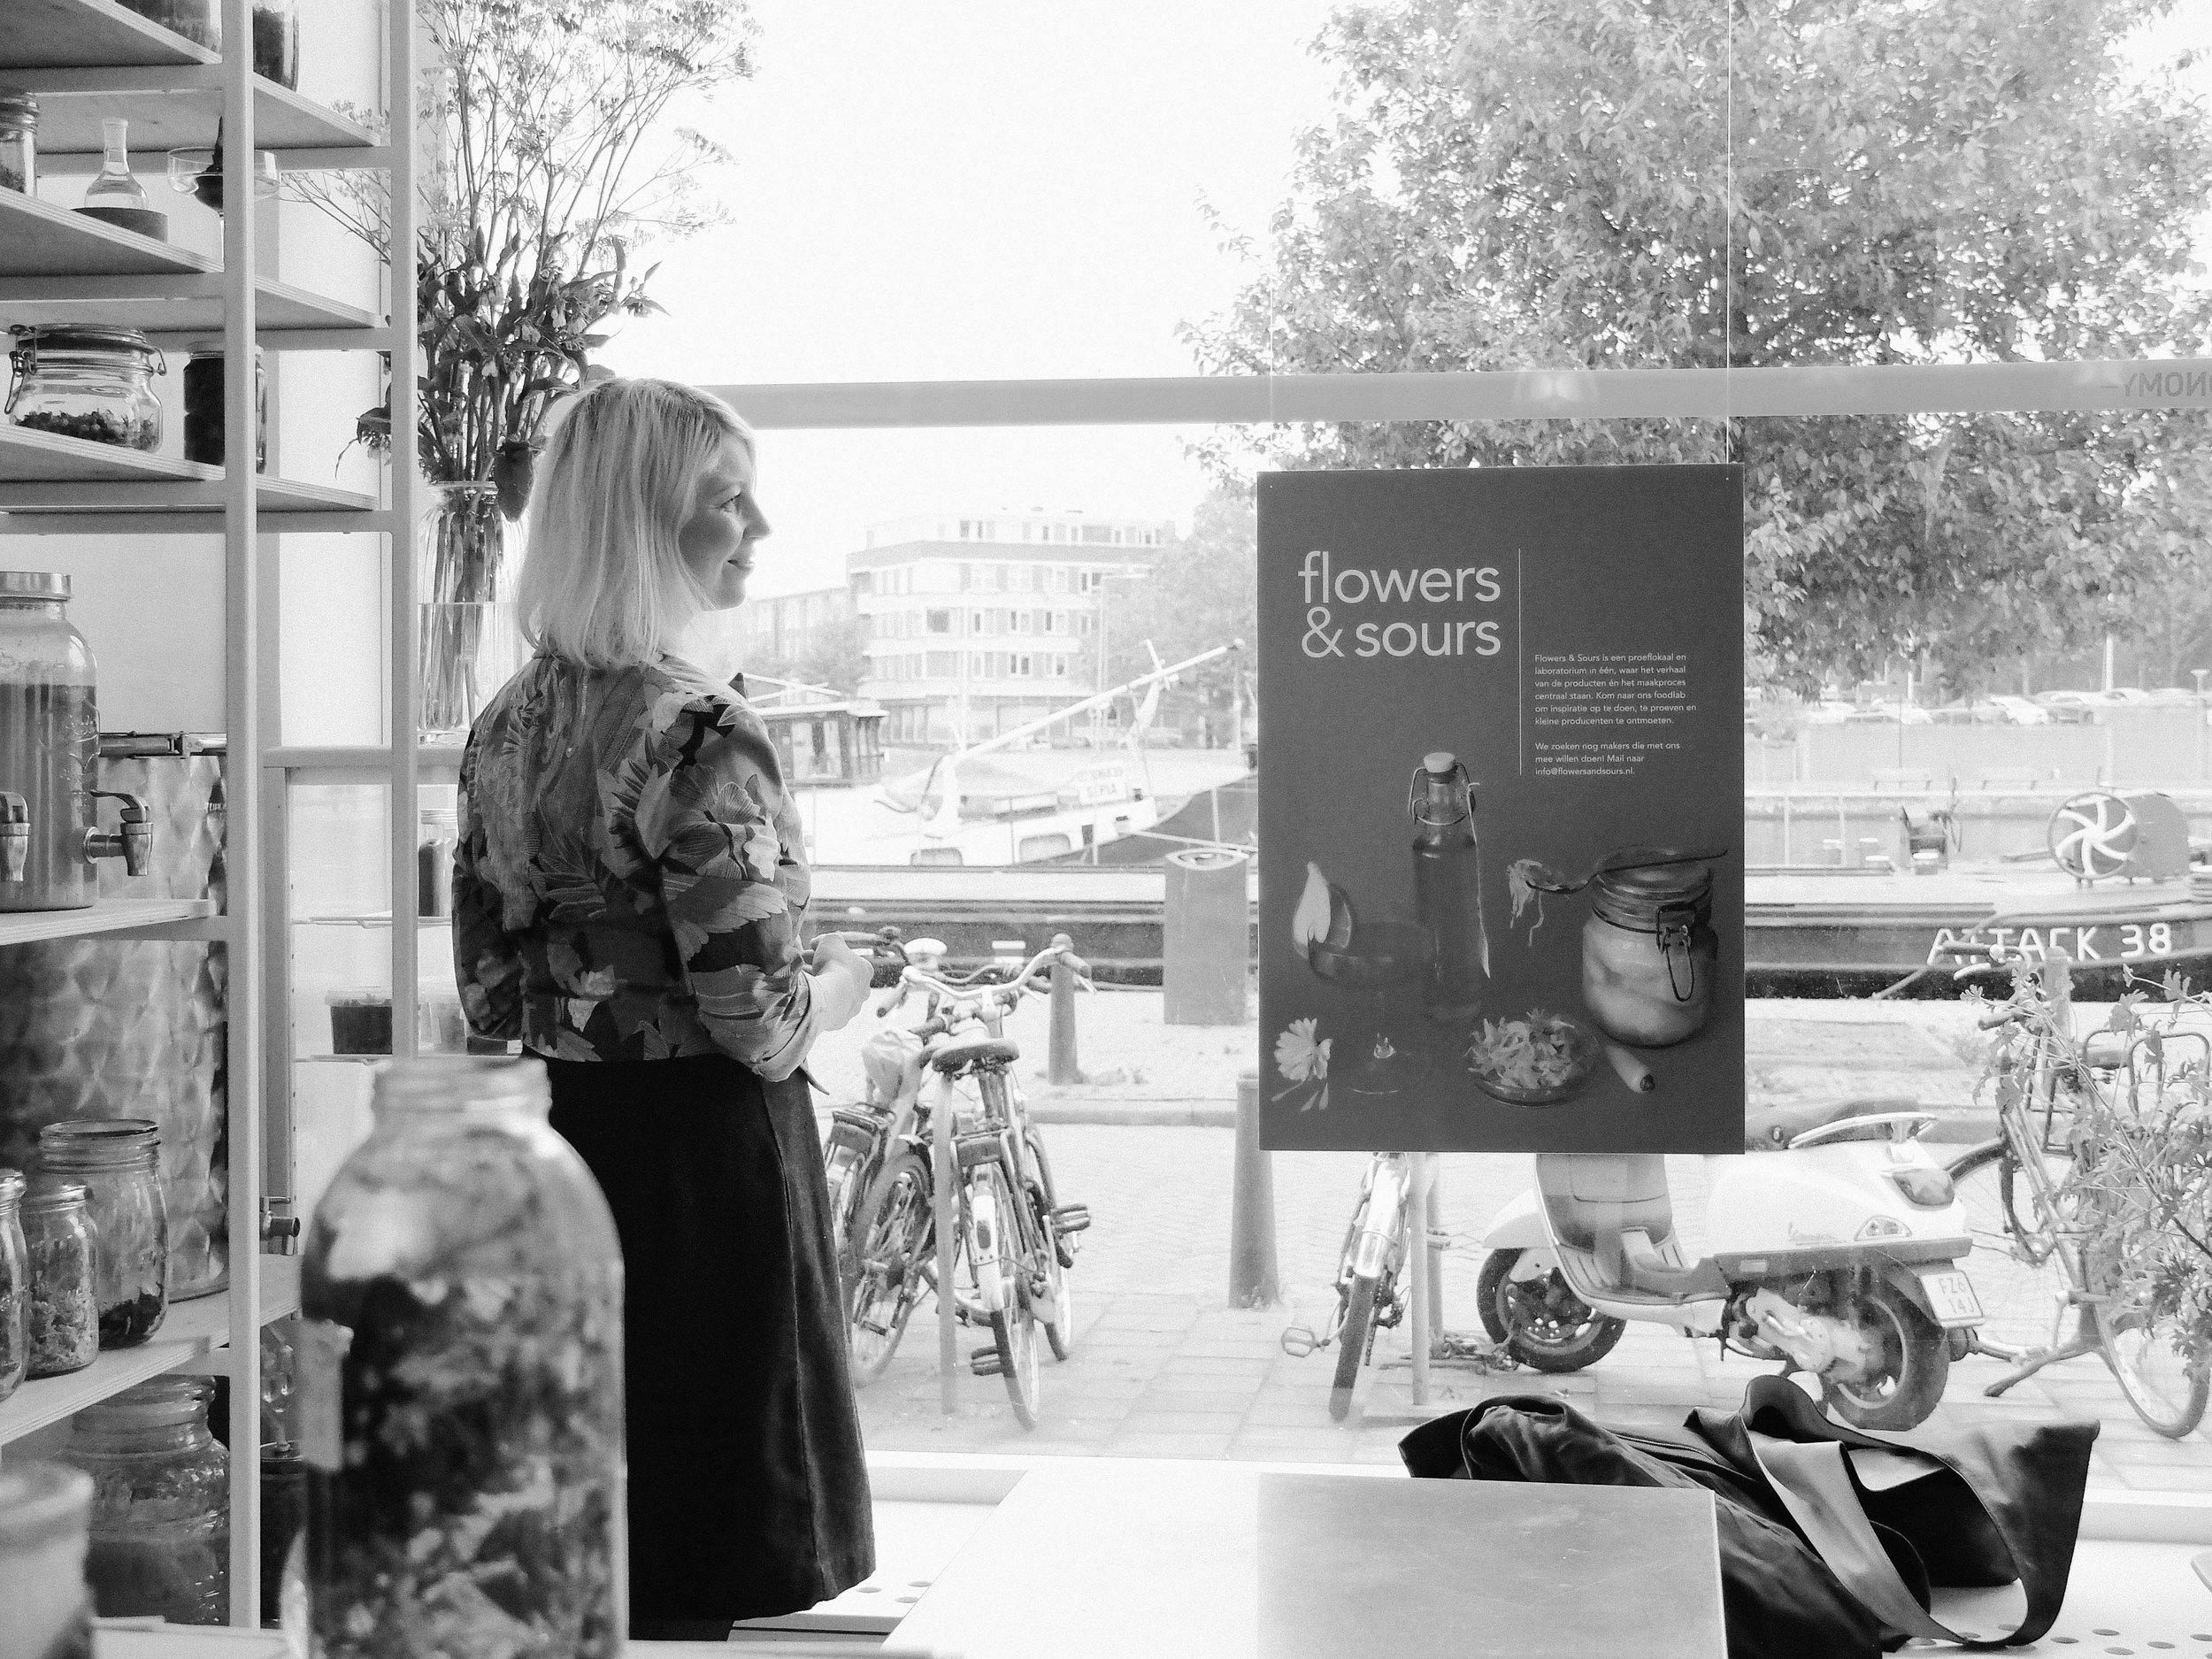 Maidie || Bloesembar - Maidie van den Bos is ontwerpster van culinaire concepten. Het totaalconcept staat centraal in het werk van Maidie. Ze levert niet alleen een product of dienst, maar de nadruk ligt vooral op de beleving. Dit doet ze in de vorm van storytelling.Maidie is ook wildplukster, en is met mooi weer vaak buiten te vinden, waar ze stadswild aan het plukken is. Van deze bloemen, kruiden en bladeren maakt ze siropen, voor limonades, cocktails en ijs. Deze verkoopt ze op festivals en evenementen met haar